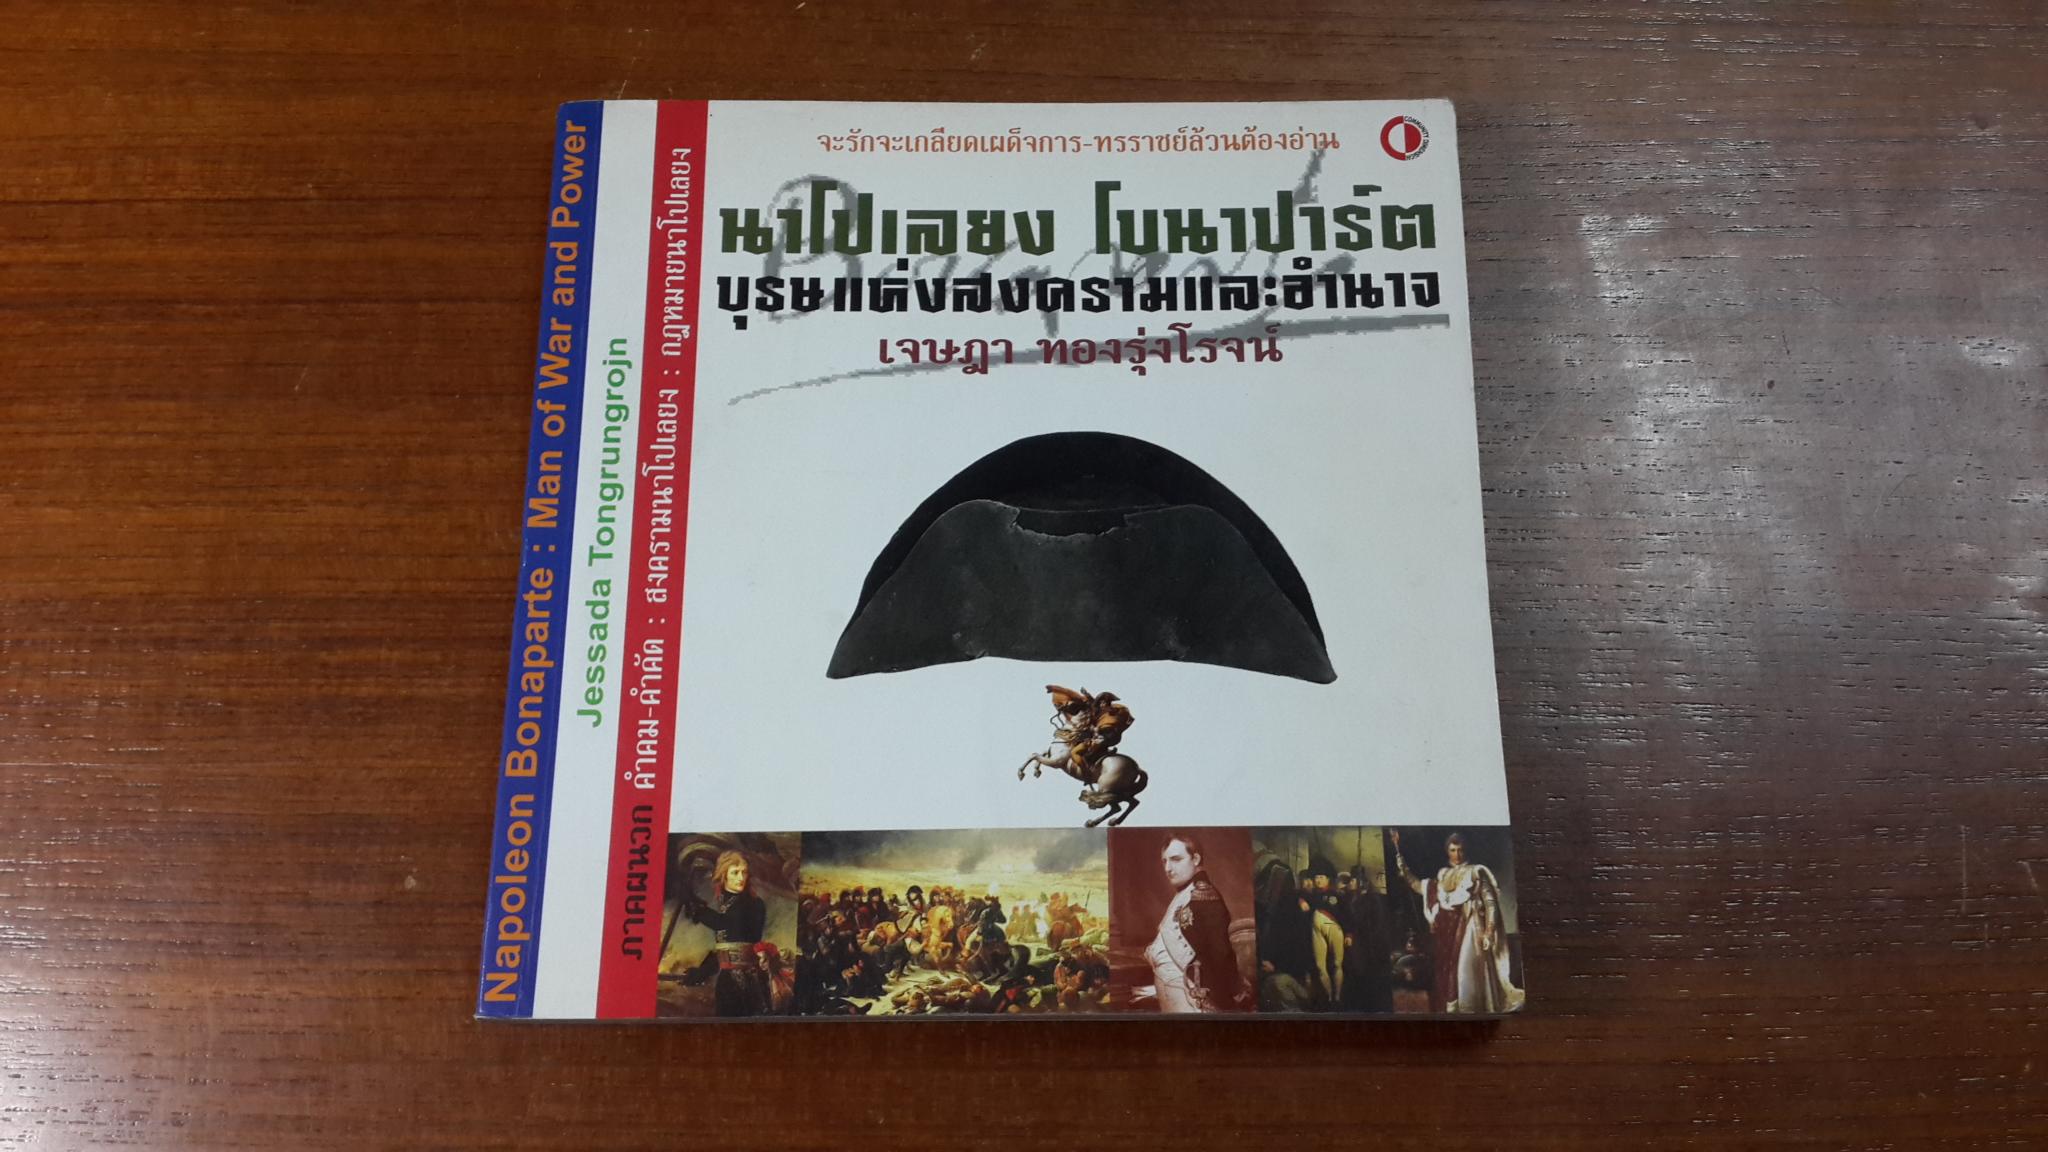 นาโปเลยง โบนาปาร์ต : บุรษแห่งสงครามและอำนาจ / เจษฎา ทองรุ่งโรจน์